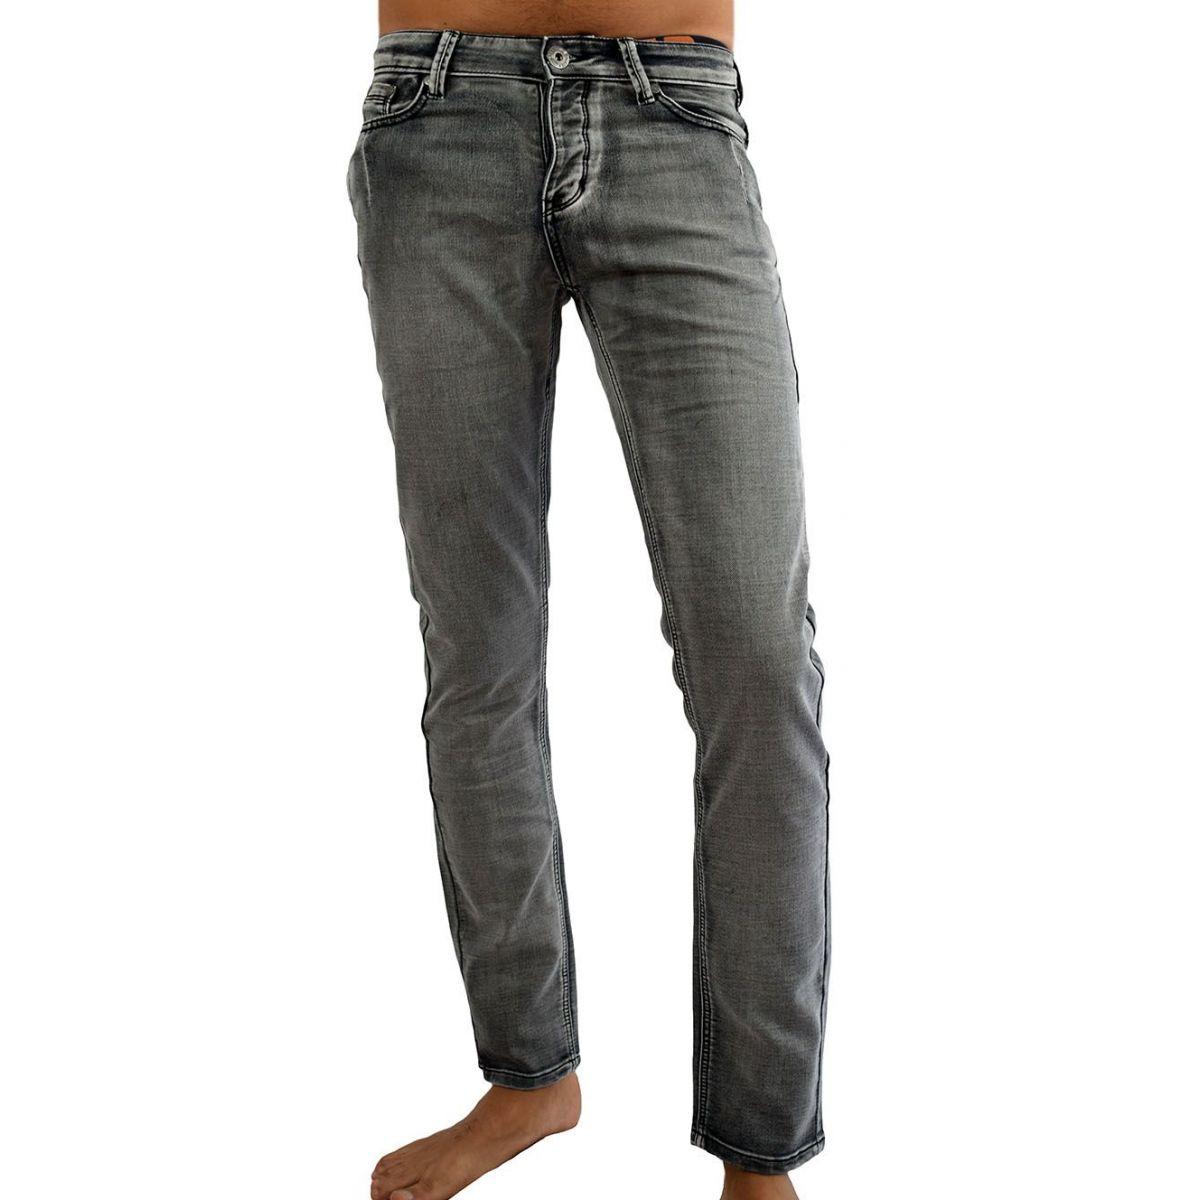 jeans homme fashion gris d lav nervur. Black Bedroom Furniture Sets. Home Design Ideas